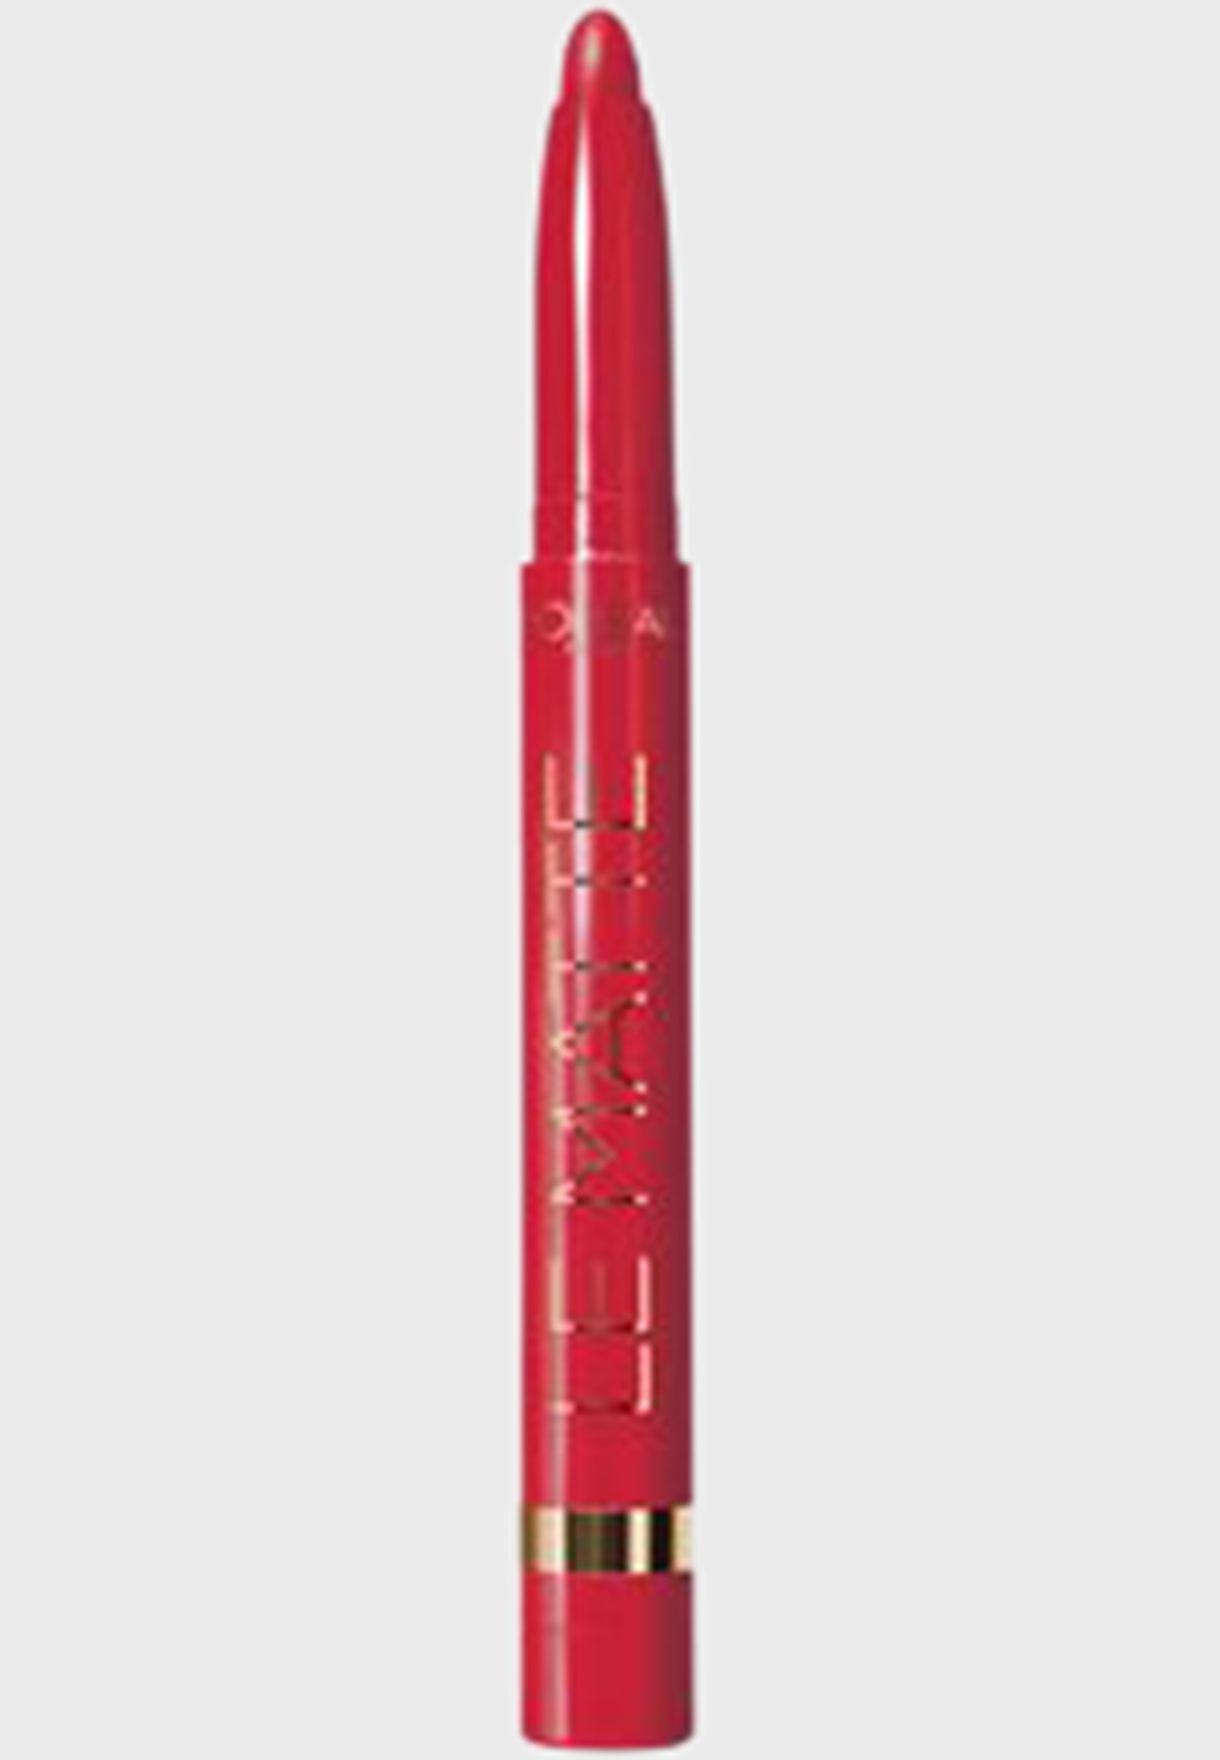 Color Riche Le Matte Lip Pen Mad For Matte